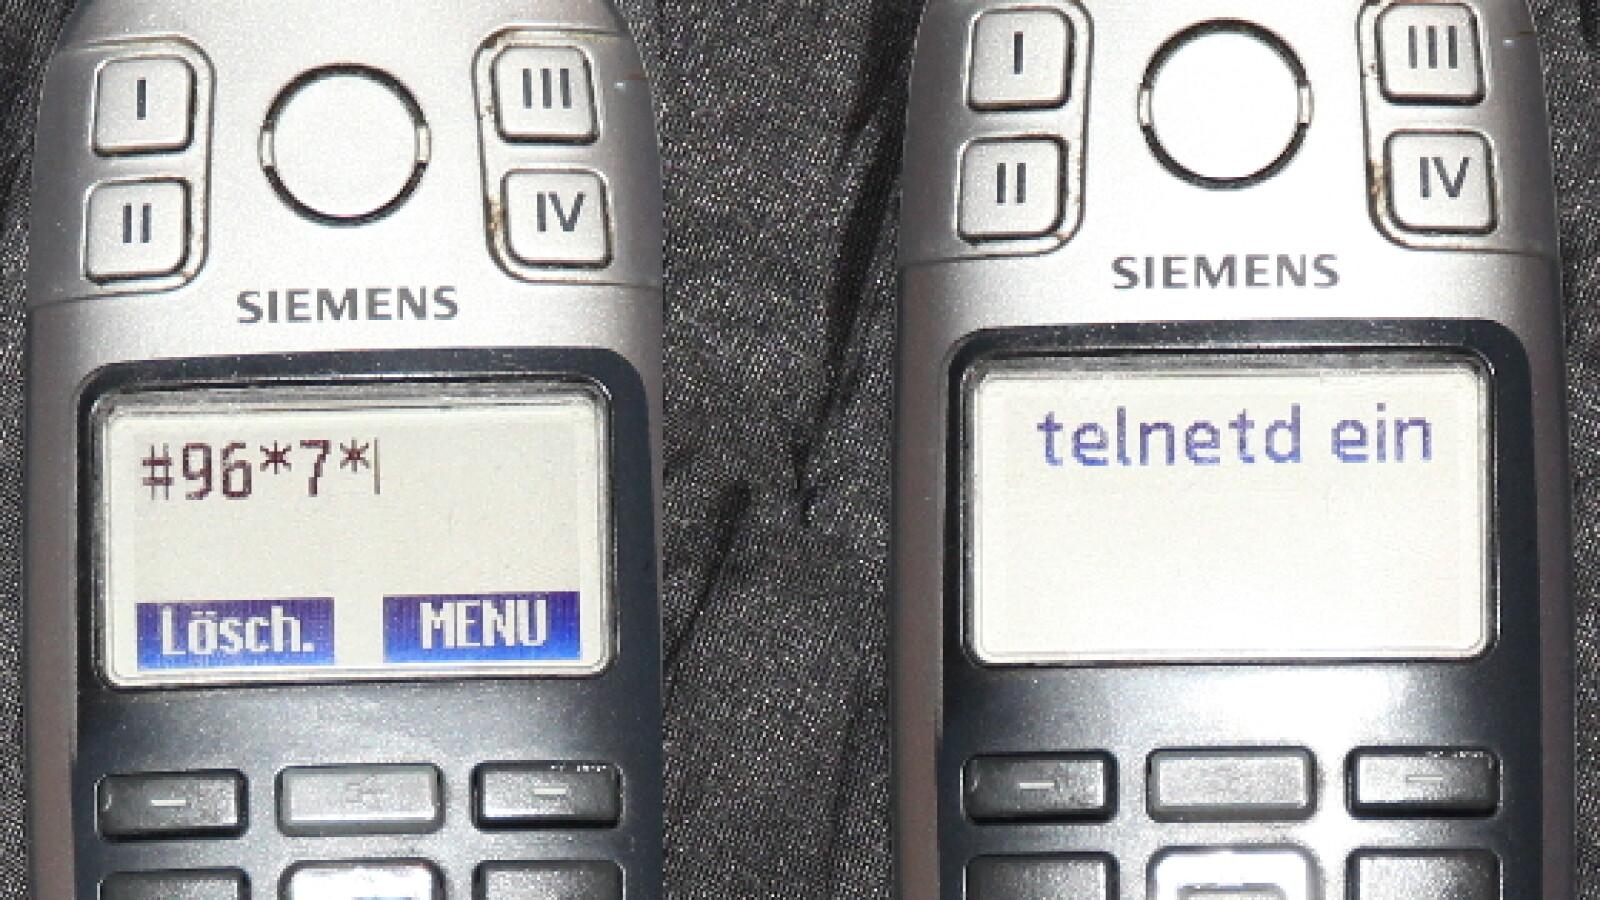 www.netzwelt.de